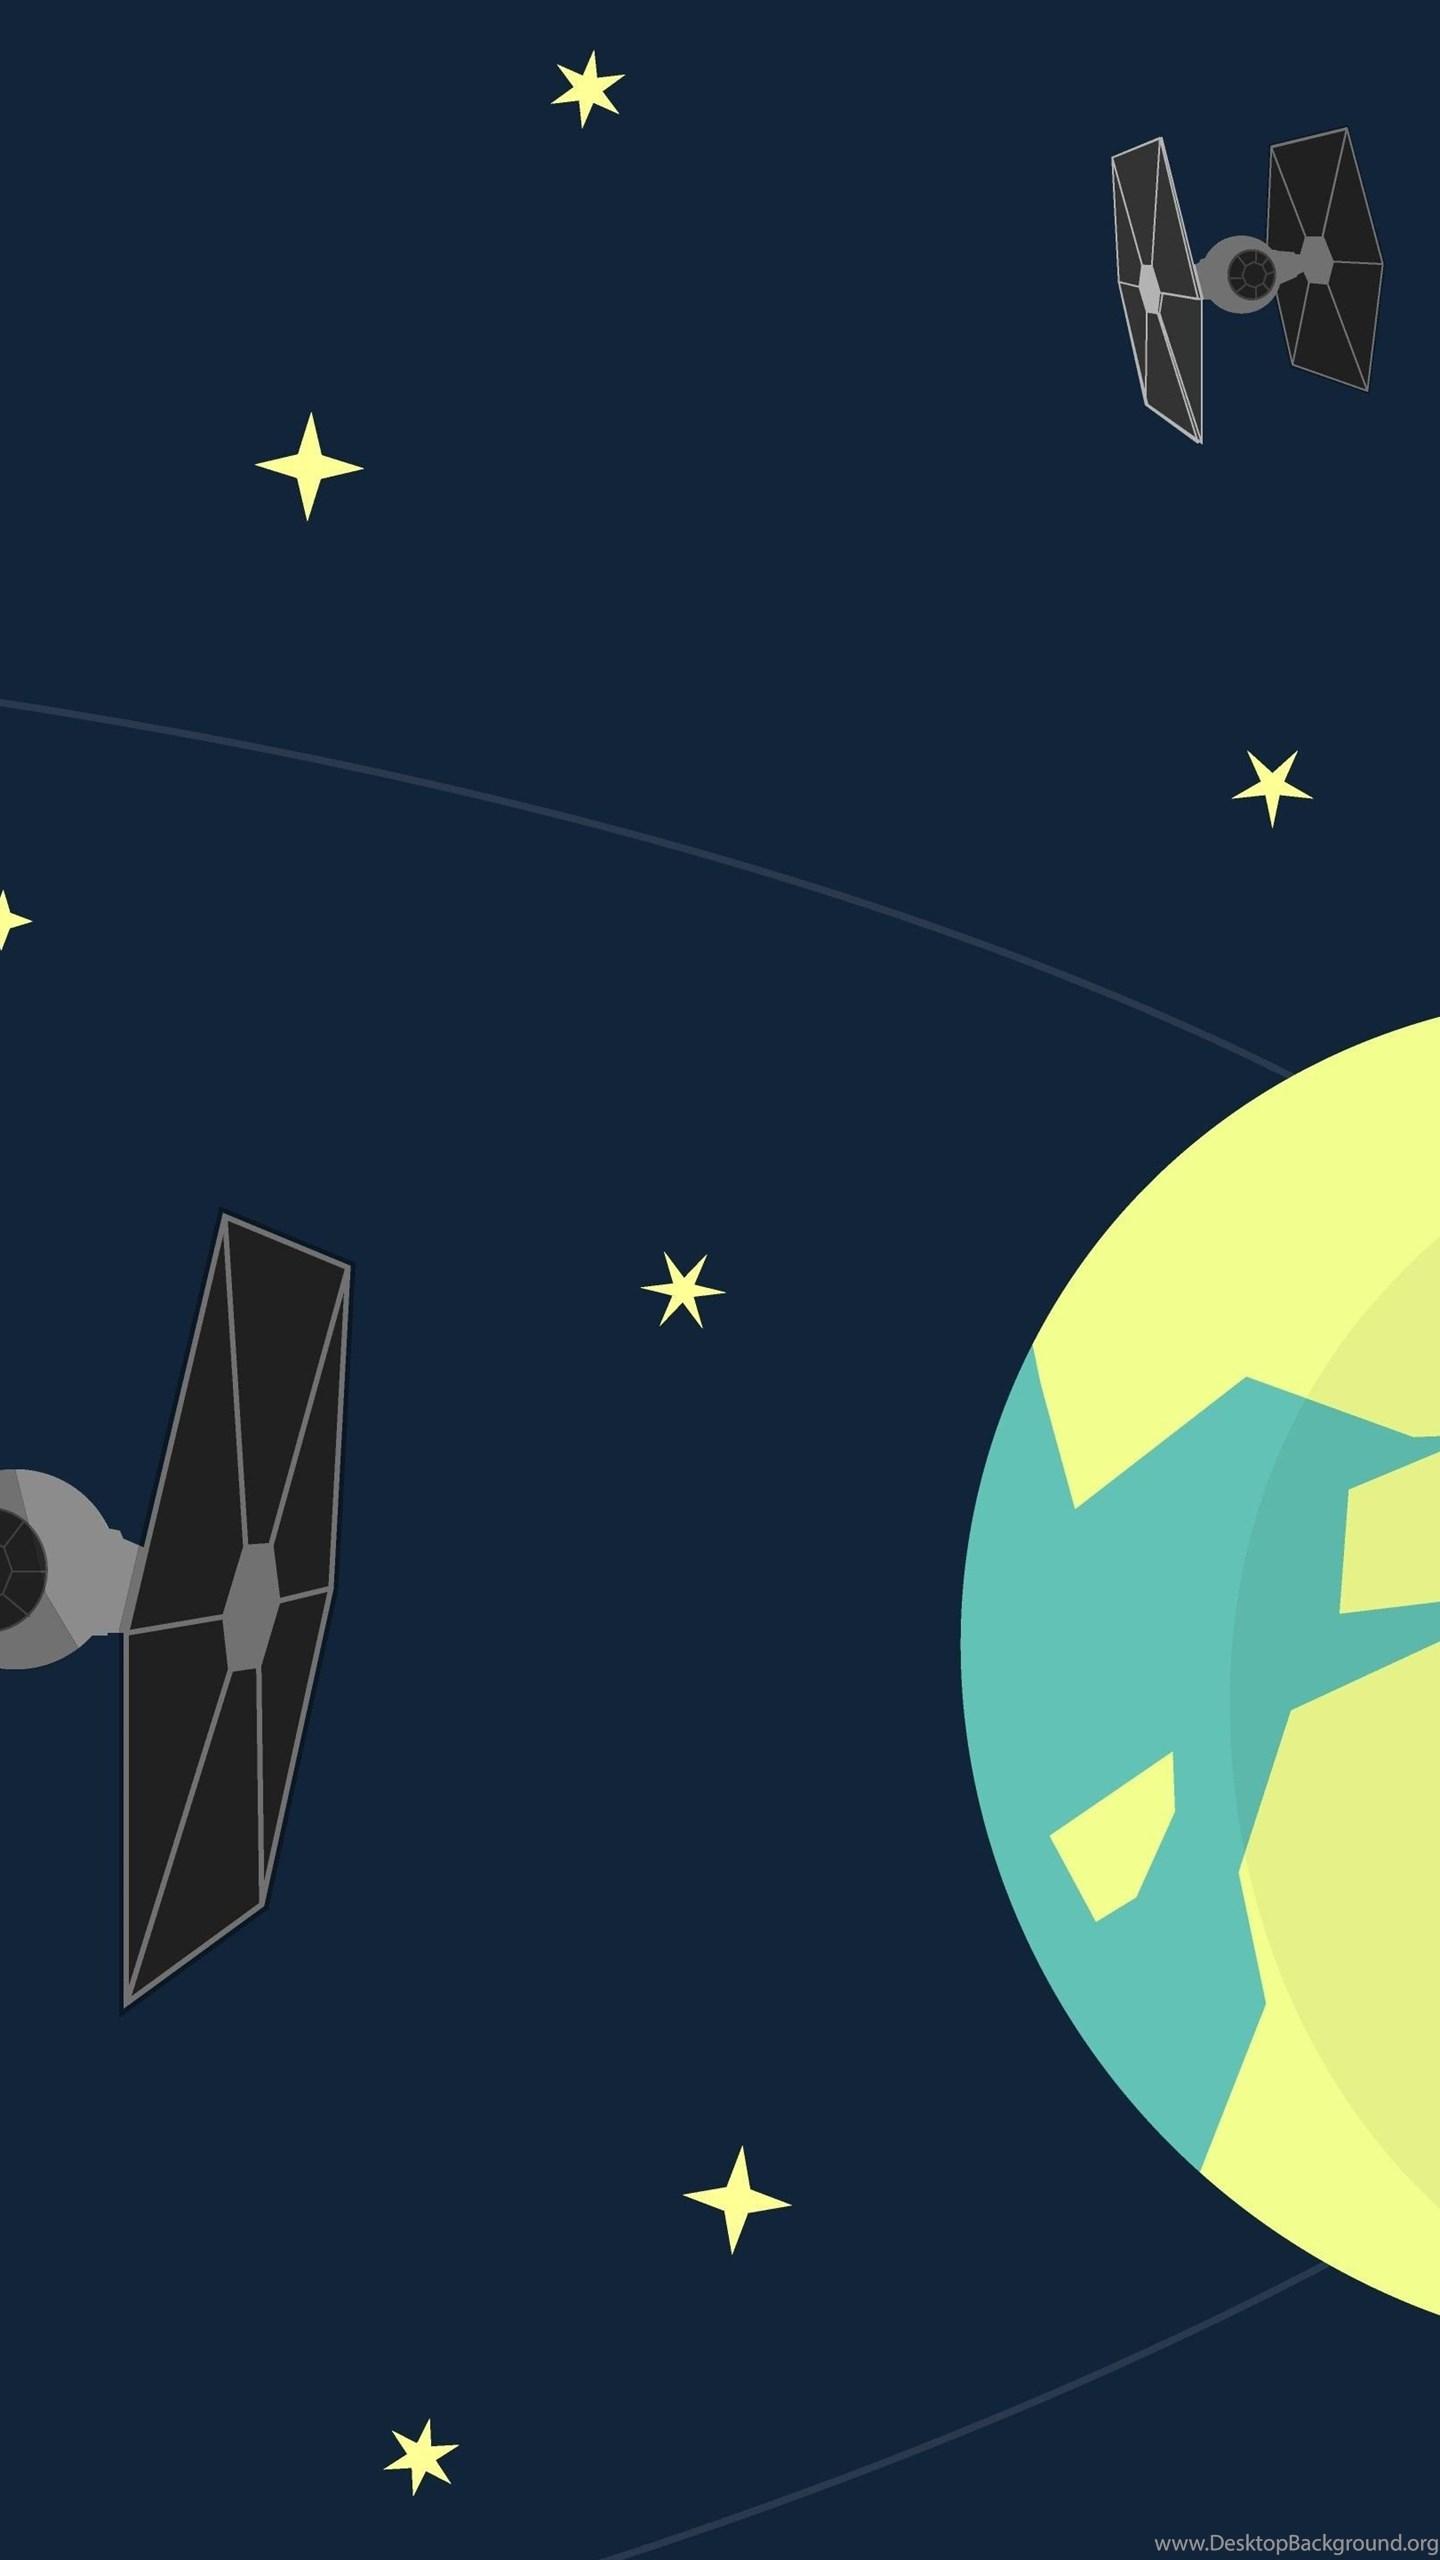 Minimalism Star Wars Artwork Earth Death Star Tie Fighter Desktop Background